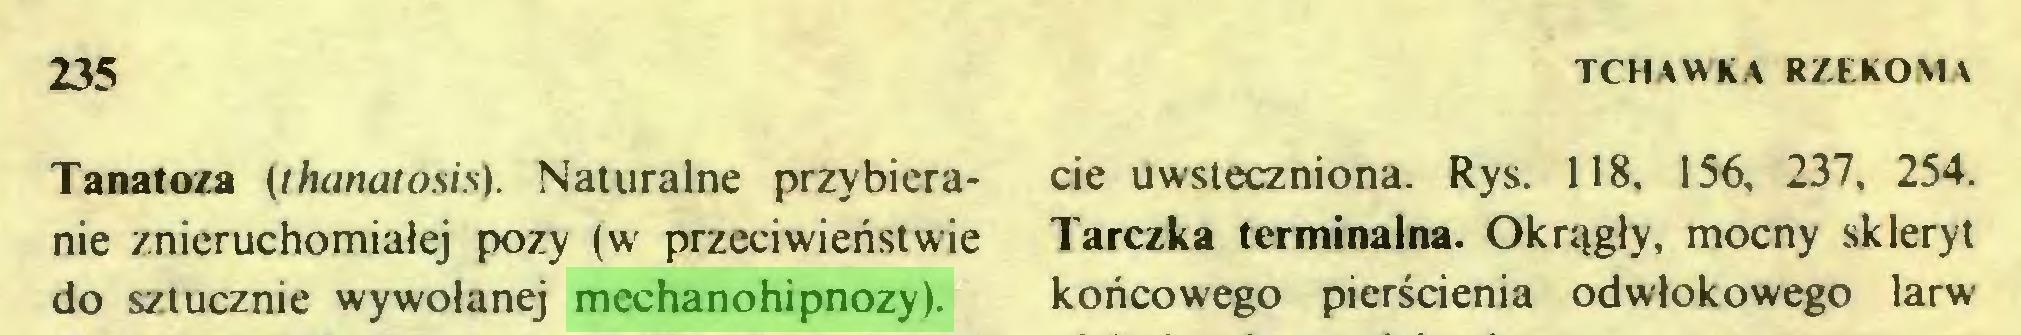 (...) 235 TCHAWKA RZEKOMA Tanatoza (thanatosis). Naturalne przybieranie znieruchomiałej pozy (w przeciwieństwie do sztucznie wywołanej mechanohipnozy)...